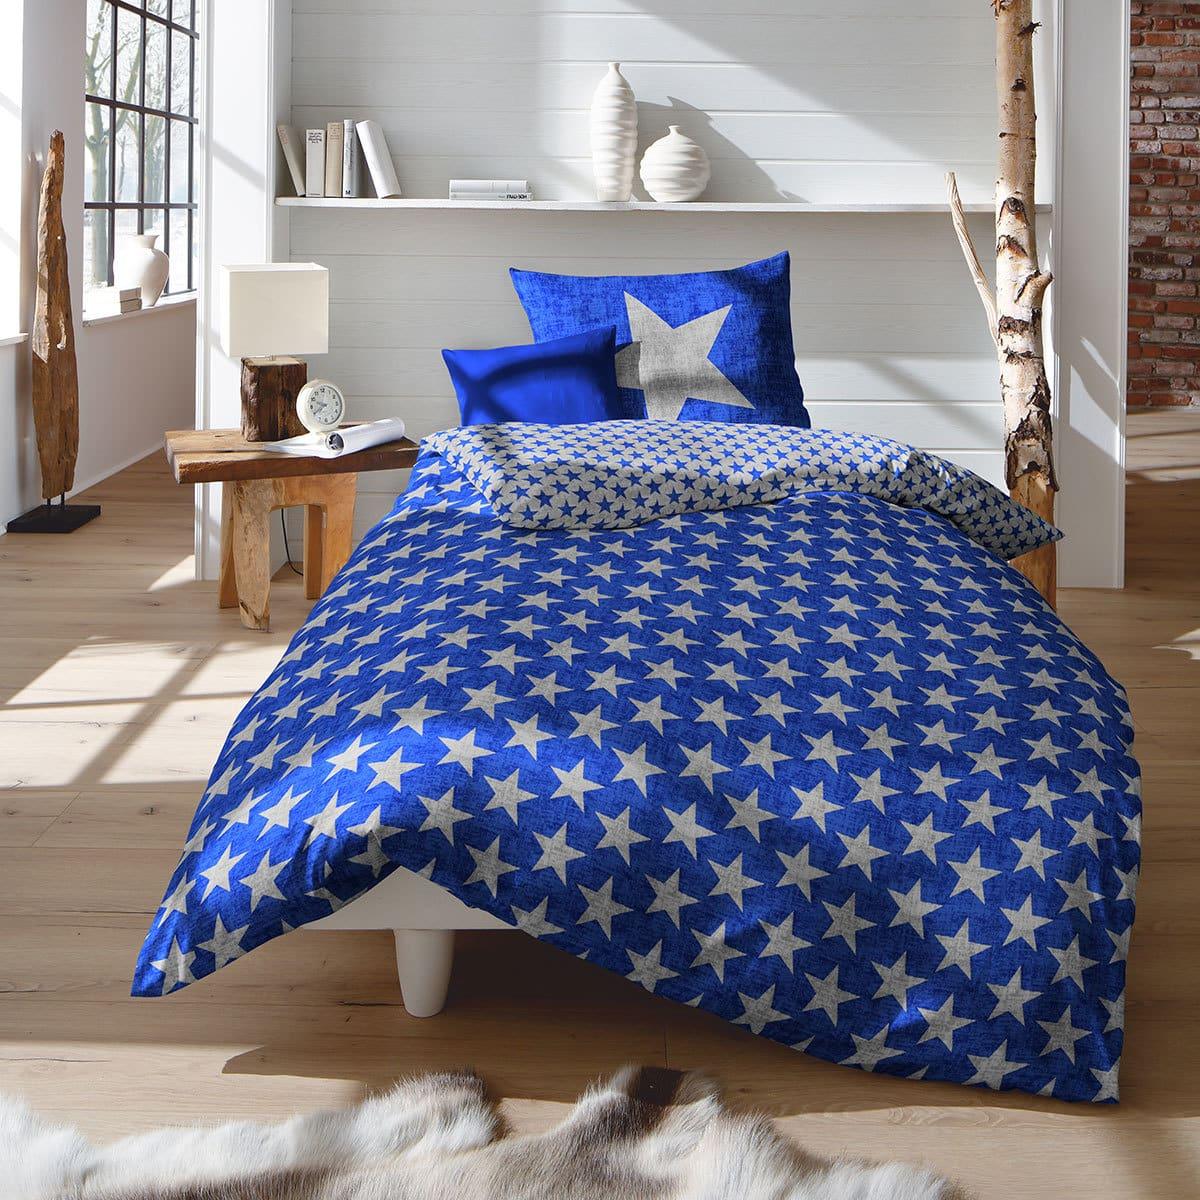 Fleuresse Biber Bettwäsche Sterne Blau Günstig Online Kaufen Bei